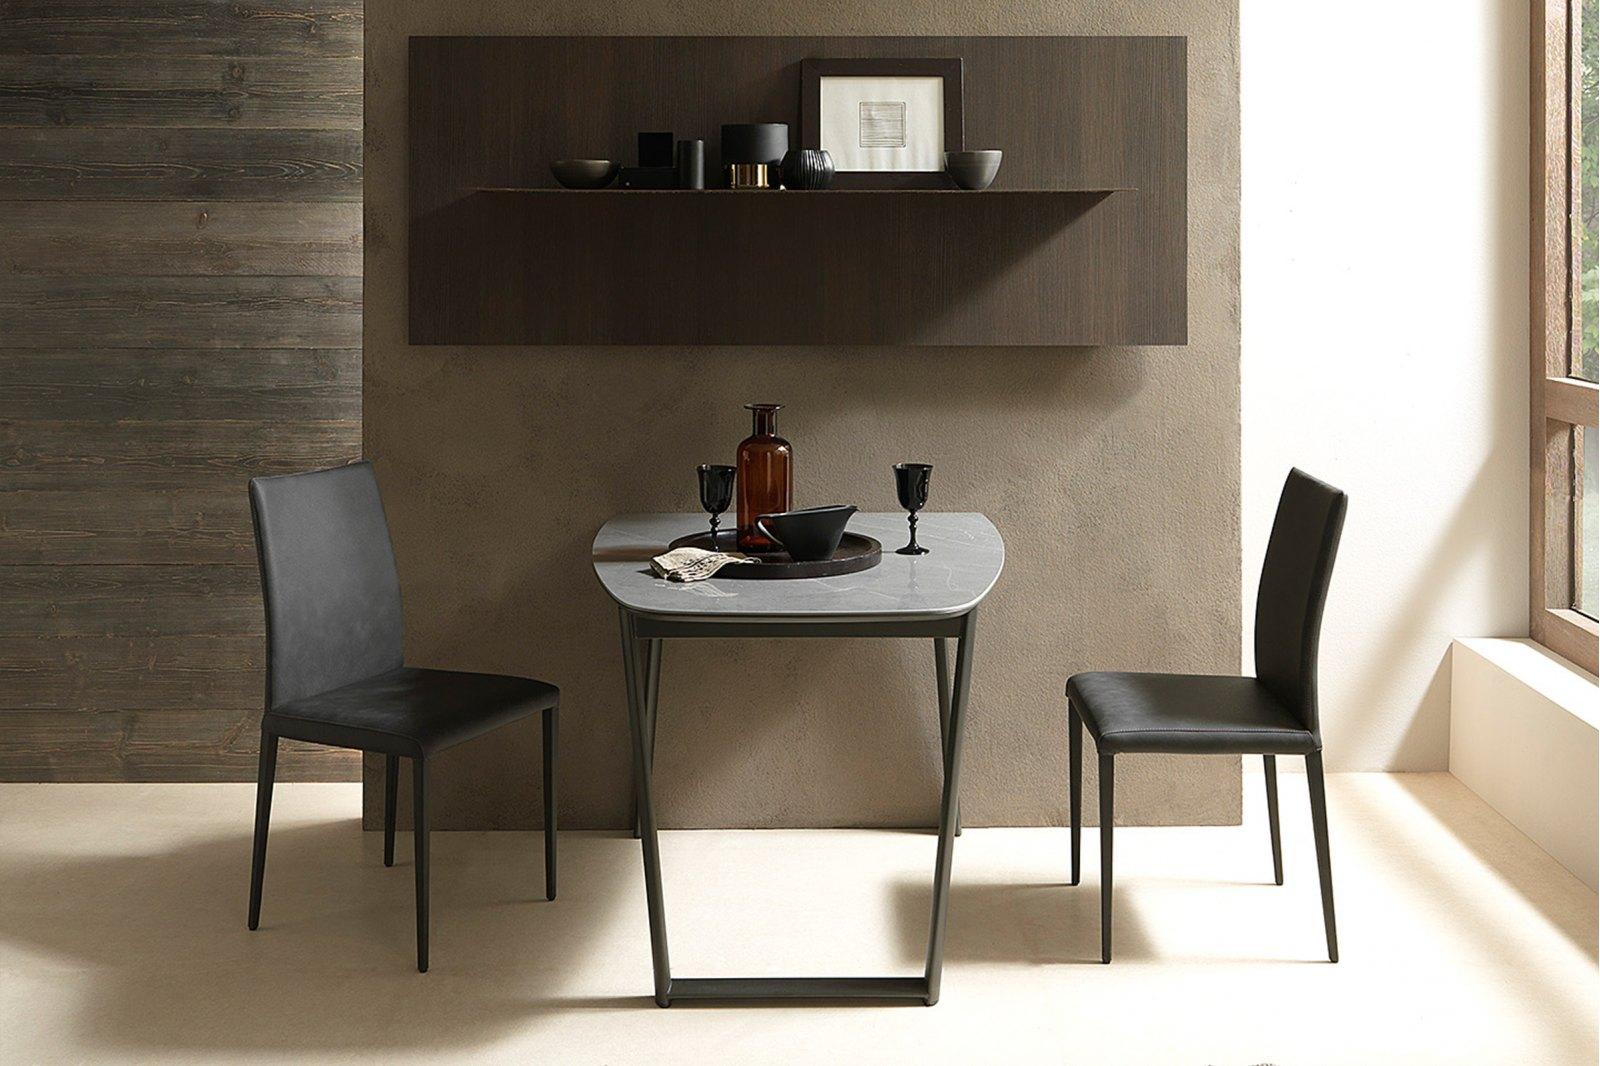 Shasta Transforming Ceramic Oval Dining Table 110/170cm / 1